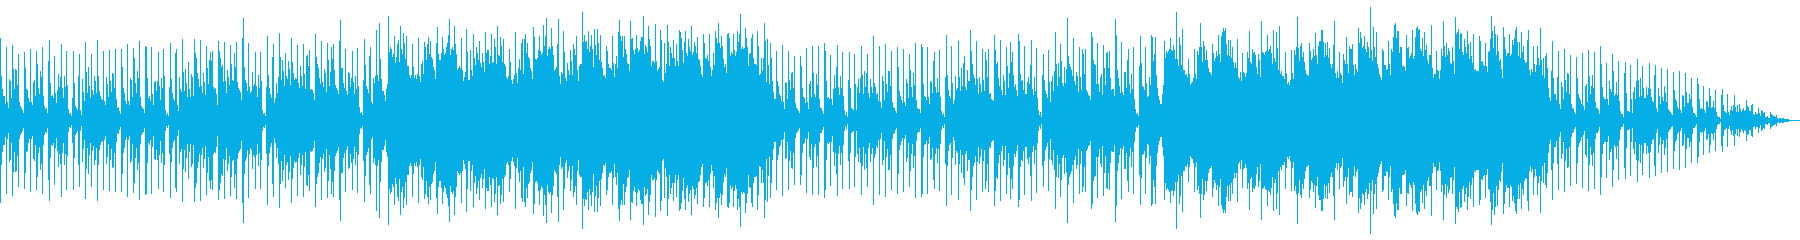 異国の妖しい占いの館の雰囲気の民族音楽の再生済みの波形